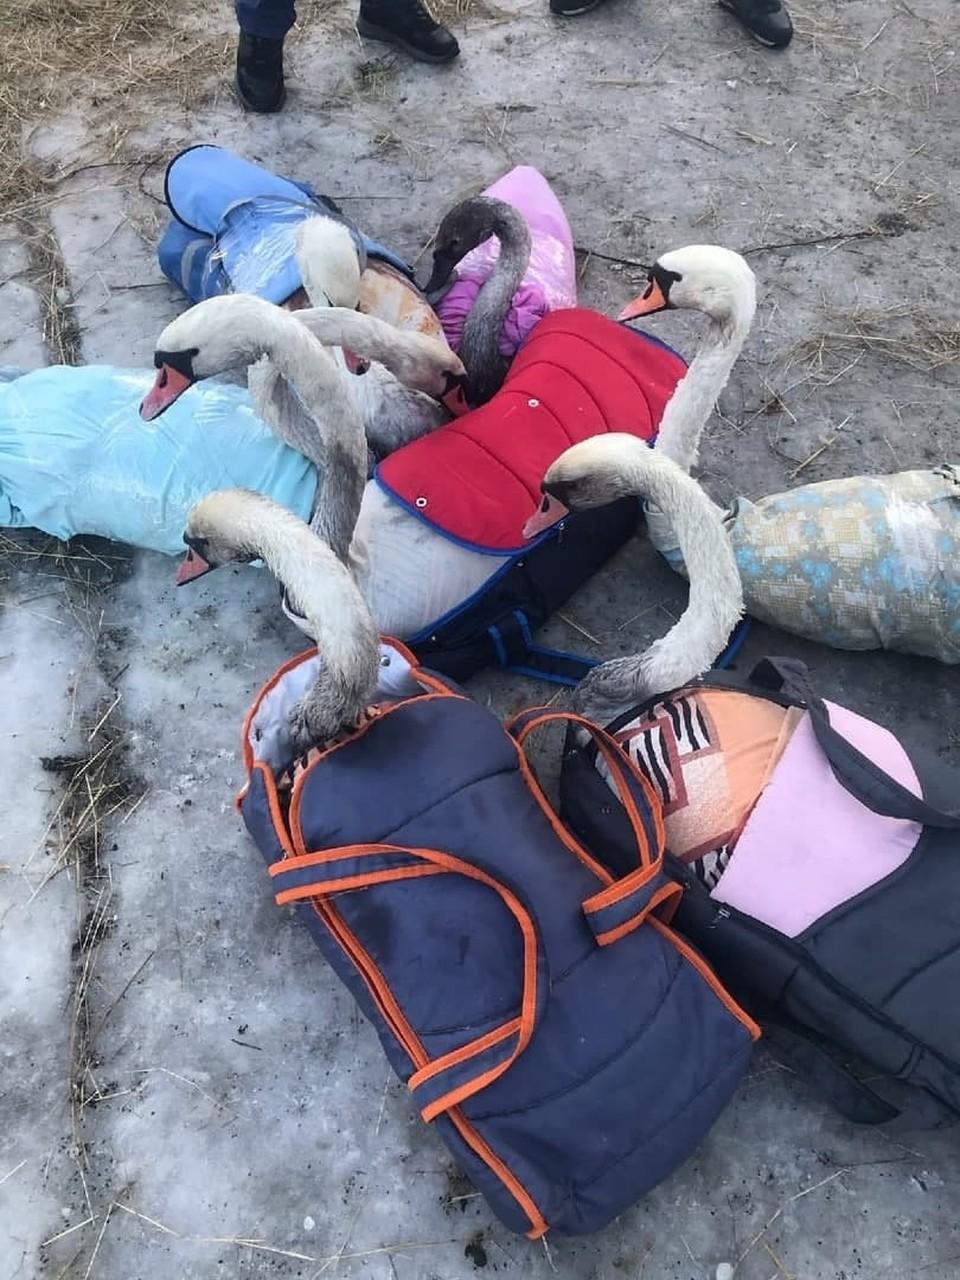 Горожане Балтийска спасли лебедей - достали их из мазутного пятна.